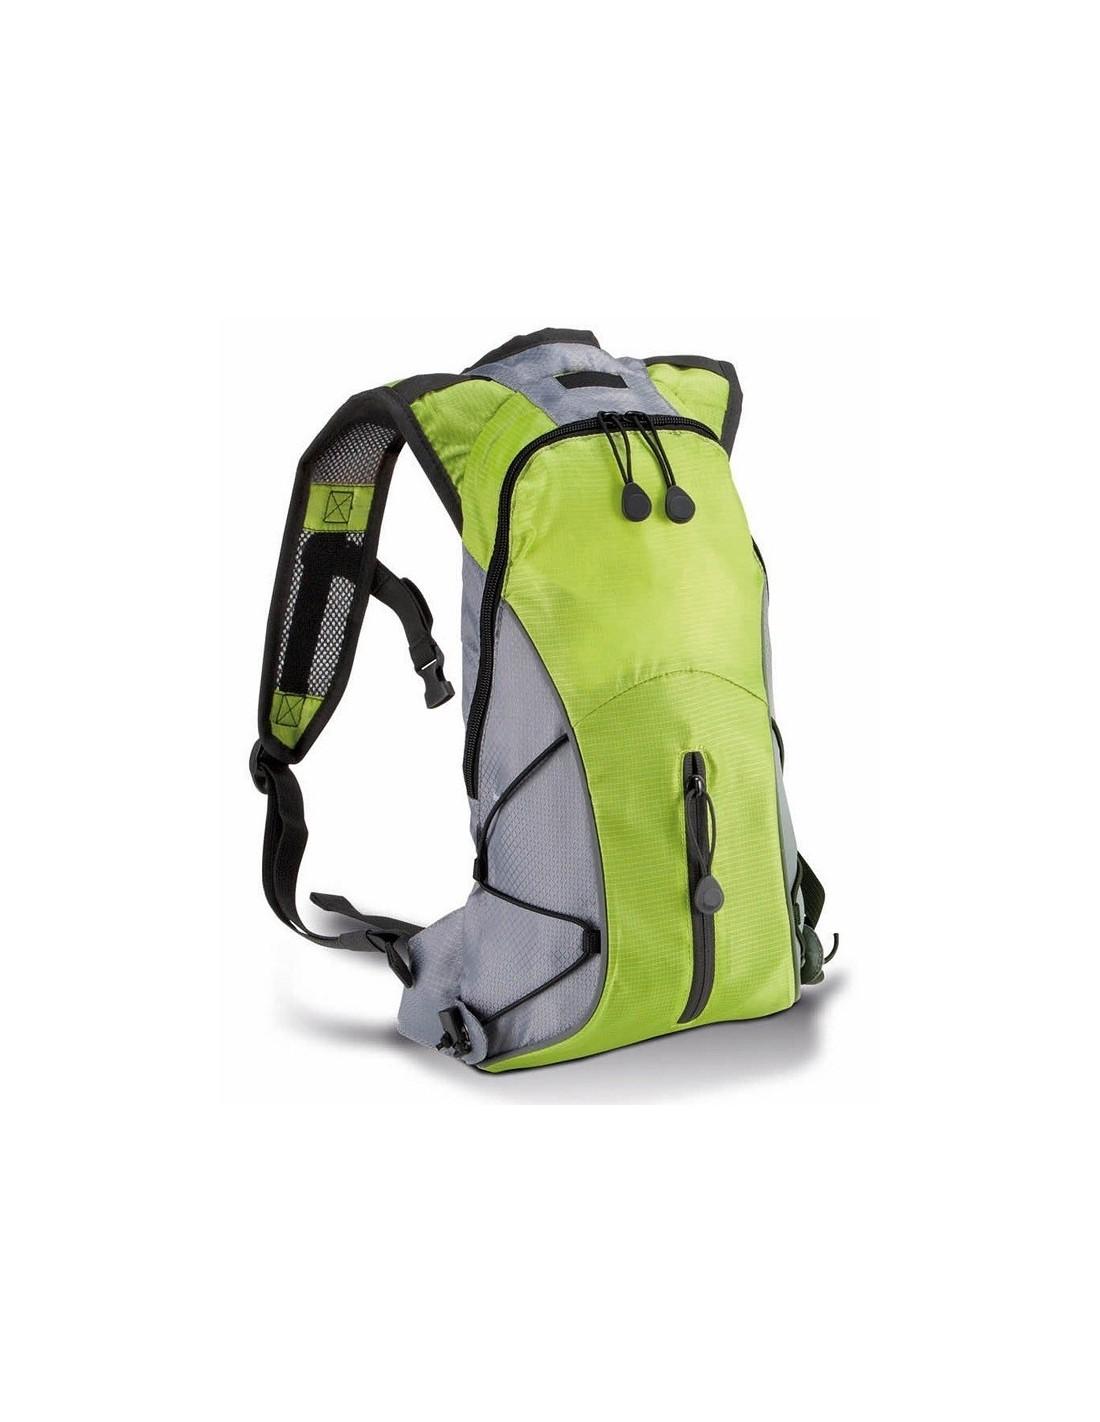 4ce1988805e4c Plecak sportowy Kimood Hydra z własnym nadrukiem